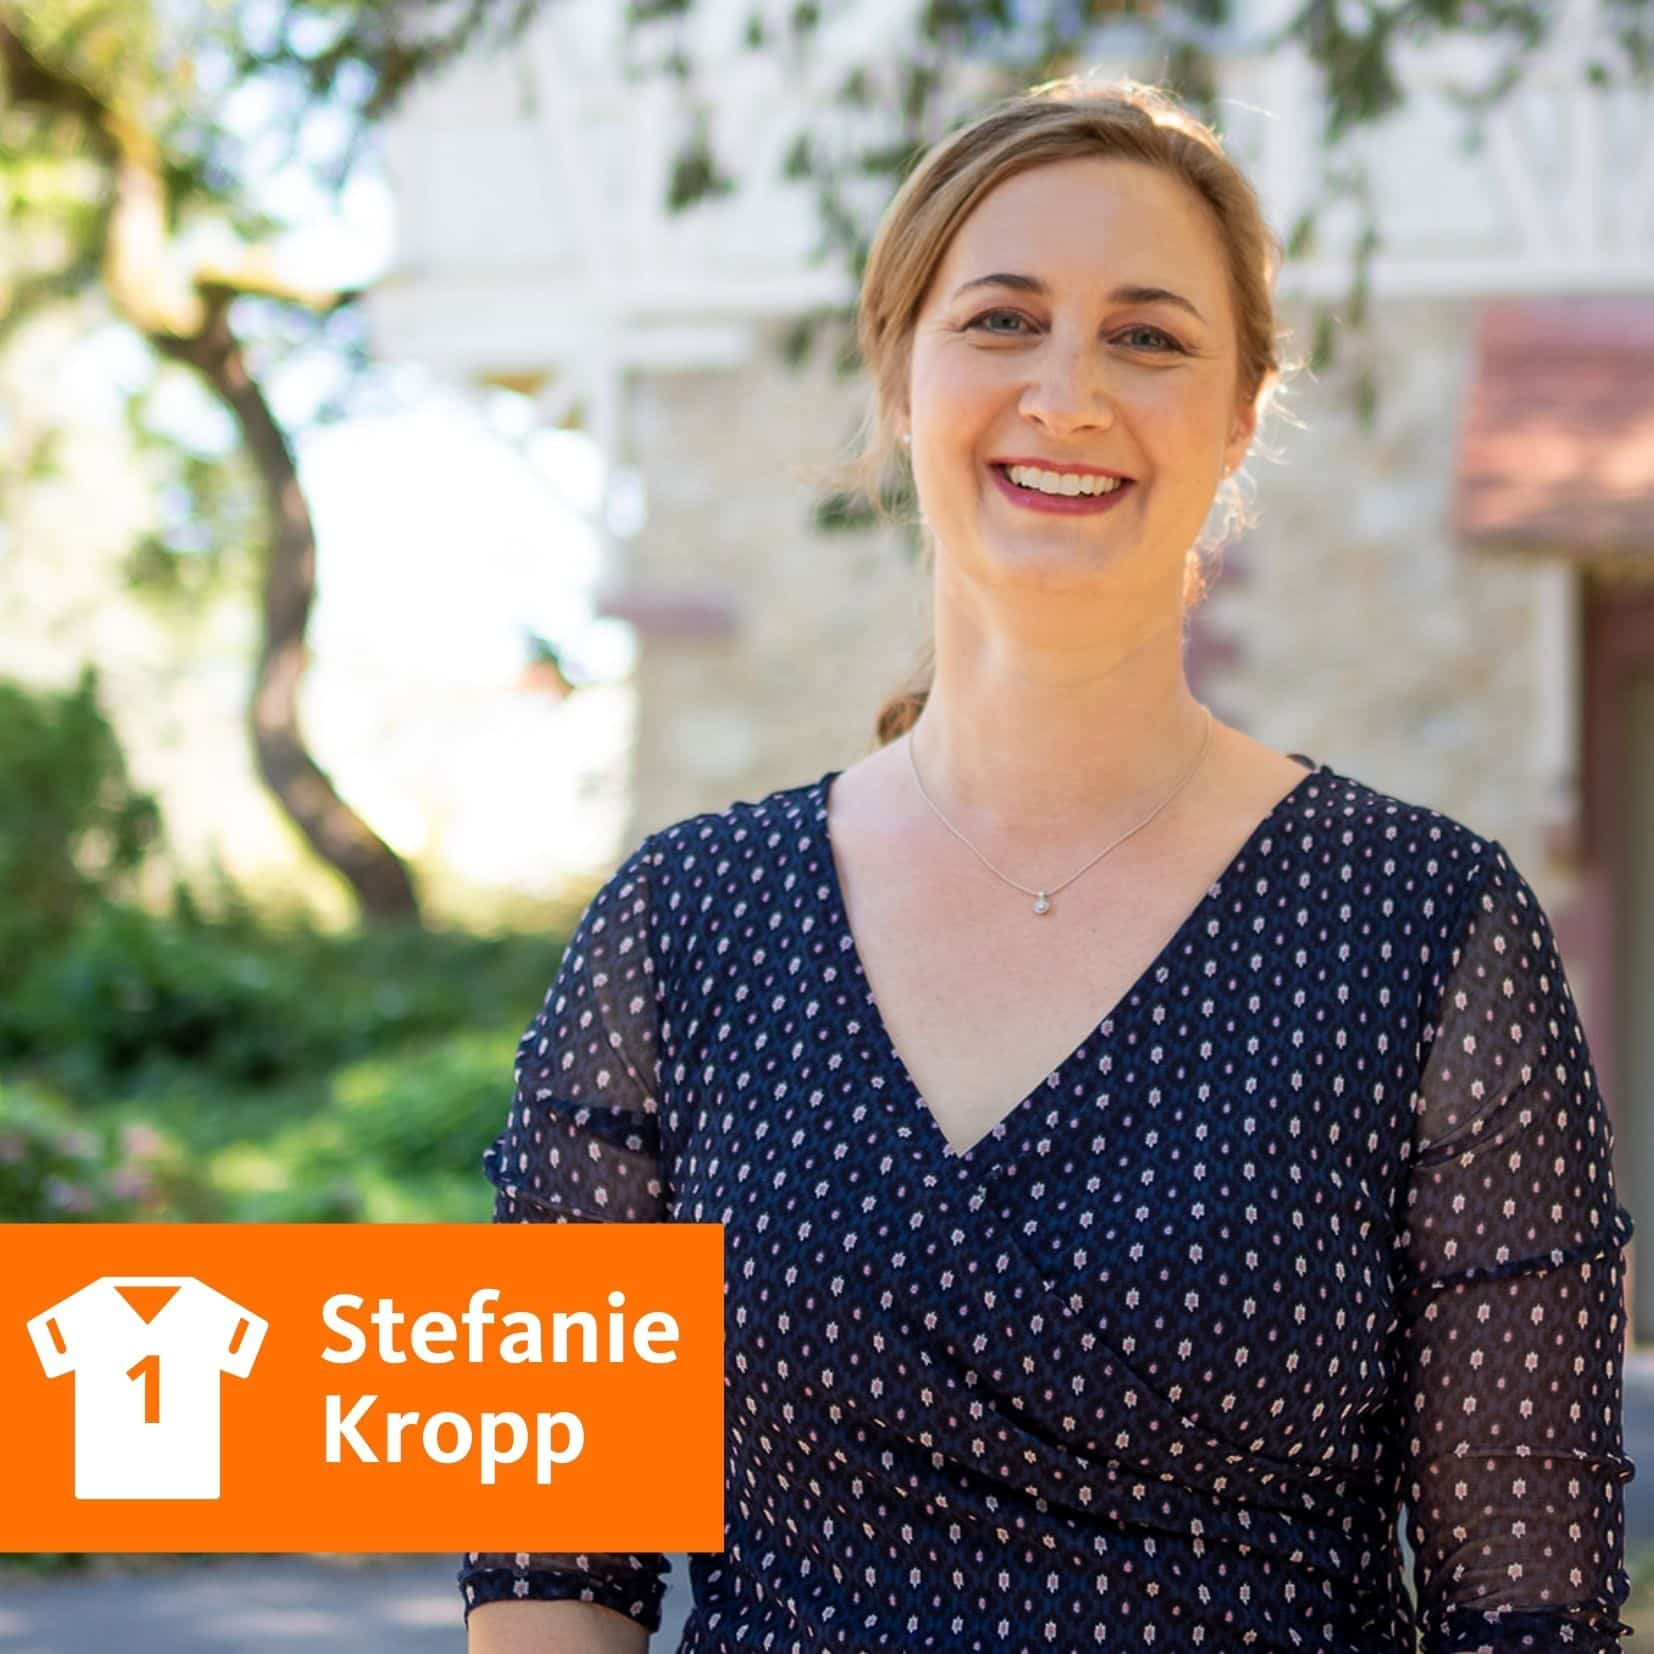 Stefanie Kropp